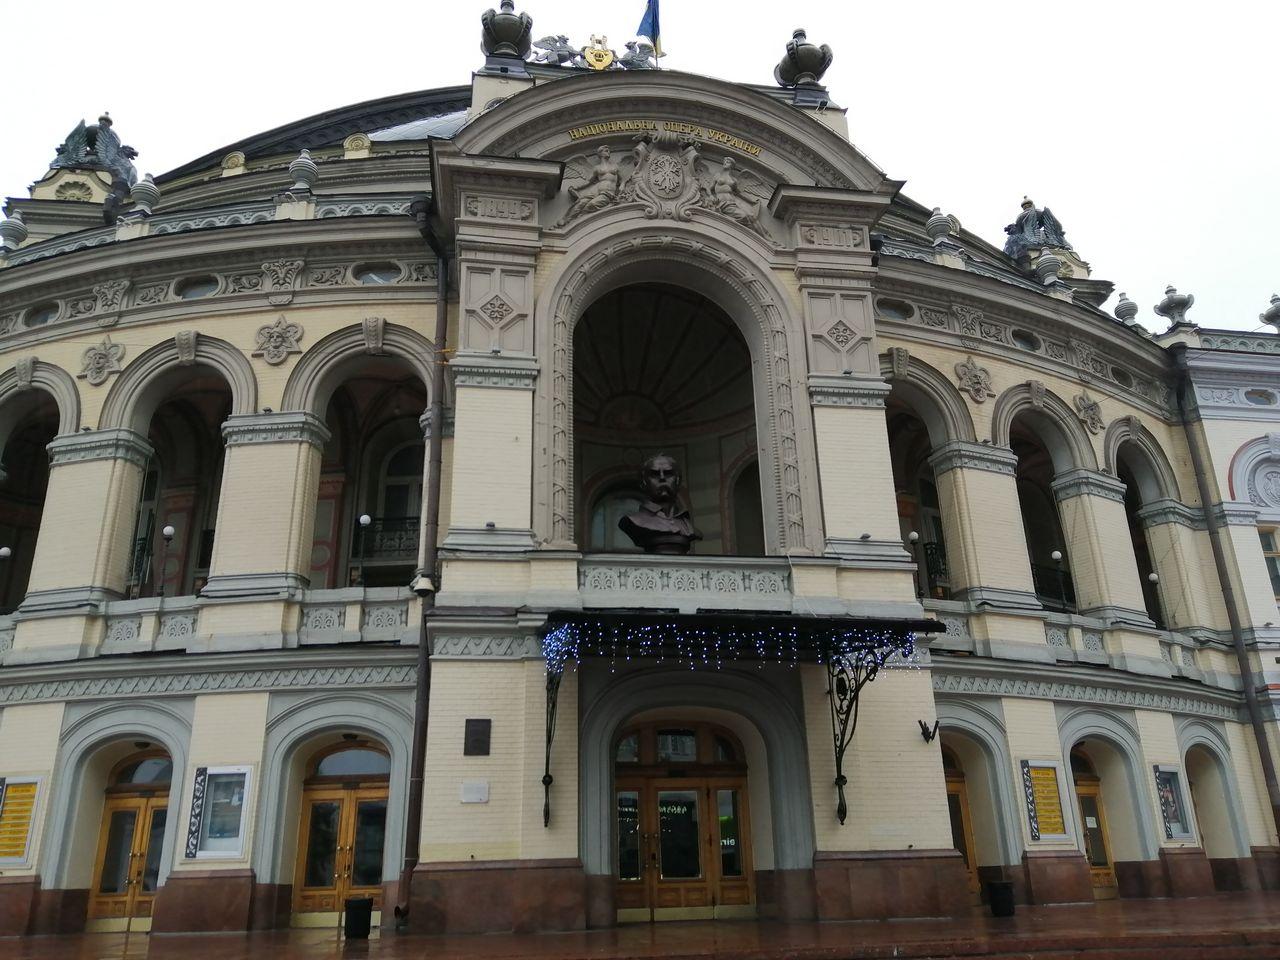 No te enseño el interior de la Ópera Nacional para no hacer spoiler, mejor que lo veas tú mismo.